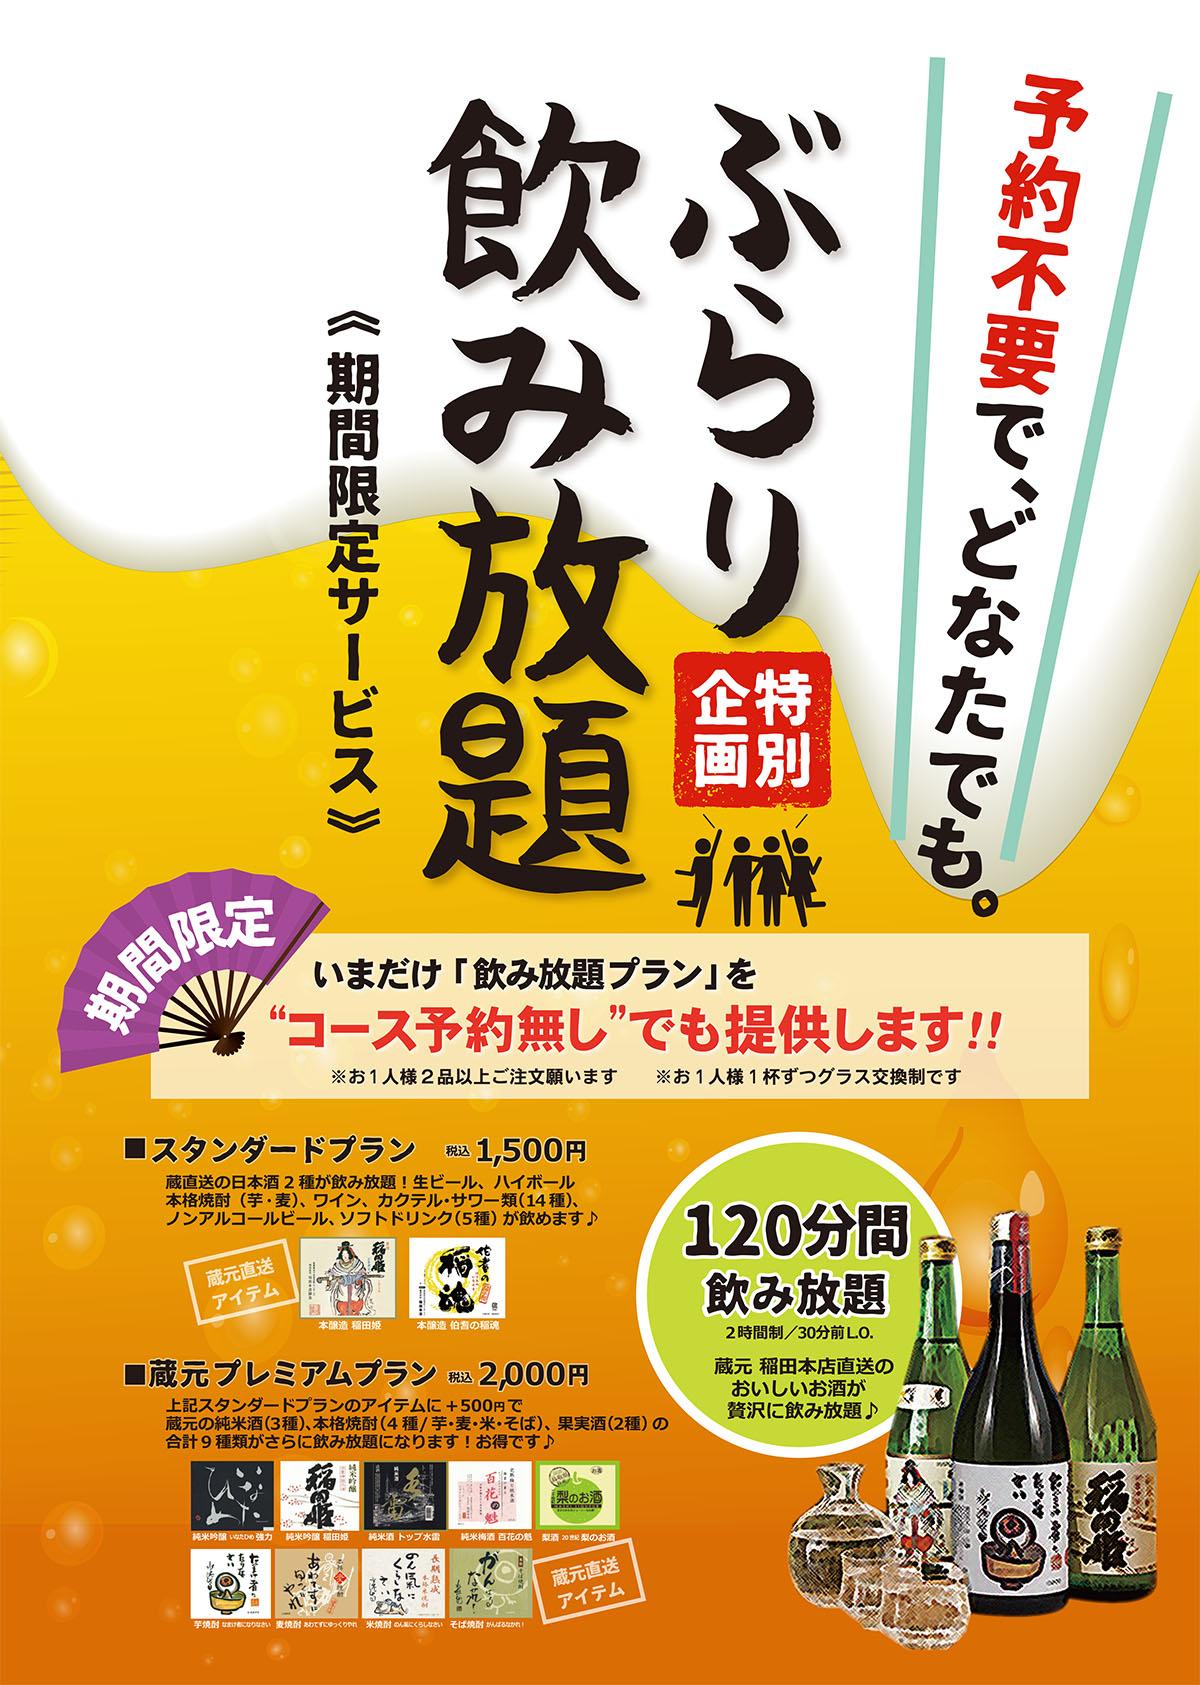 稲田屋 新宿西口店「ぶらり飲み放題」ポスターイメージ